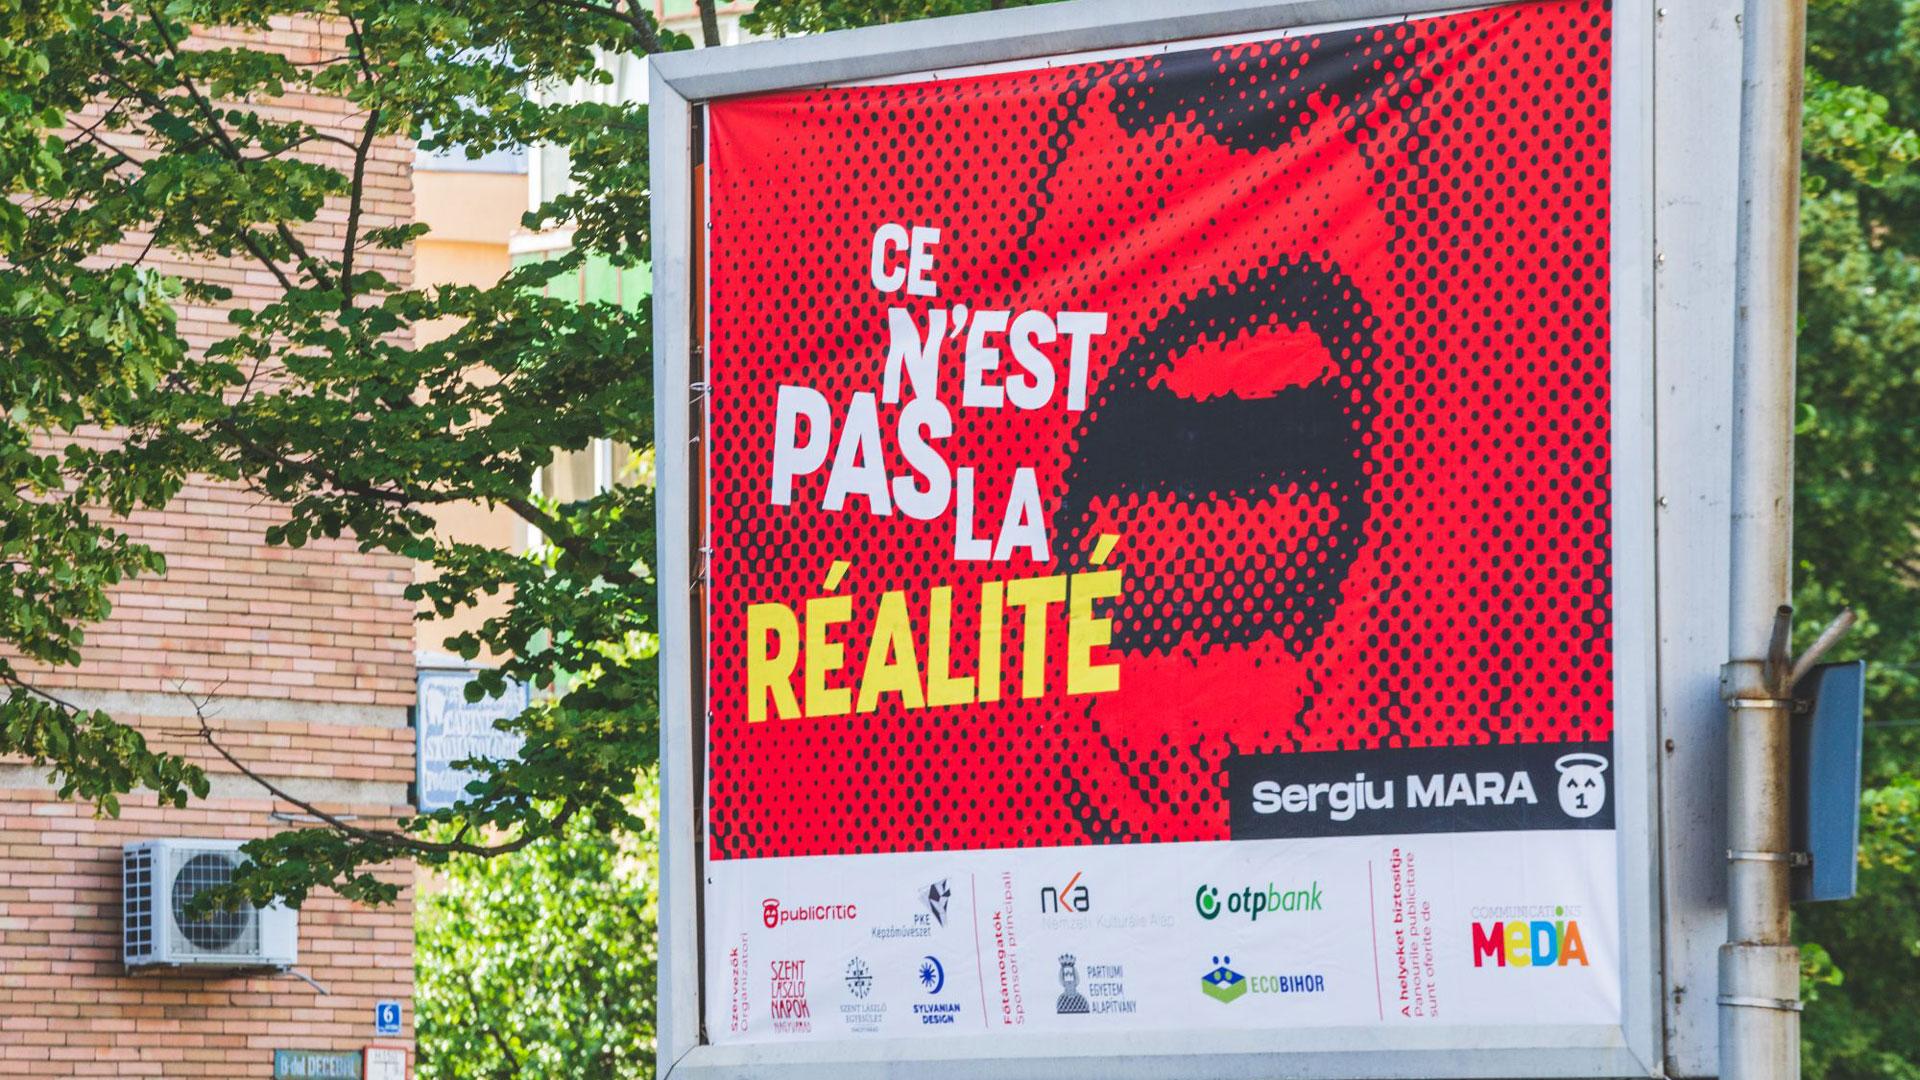 Lucrări de design grafic, expuse pe panouri și citylights în Oradea